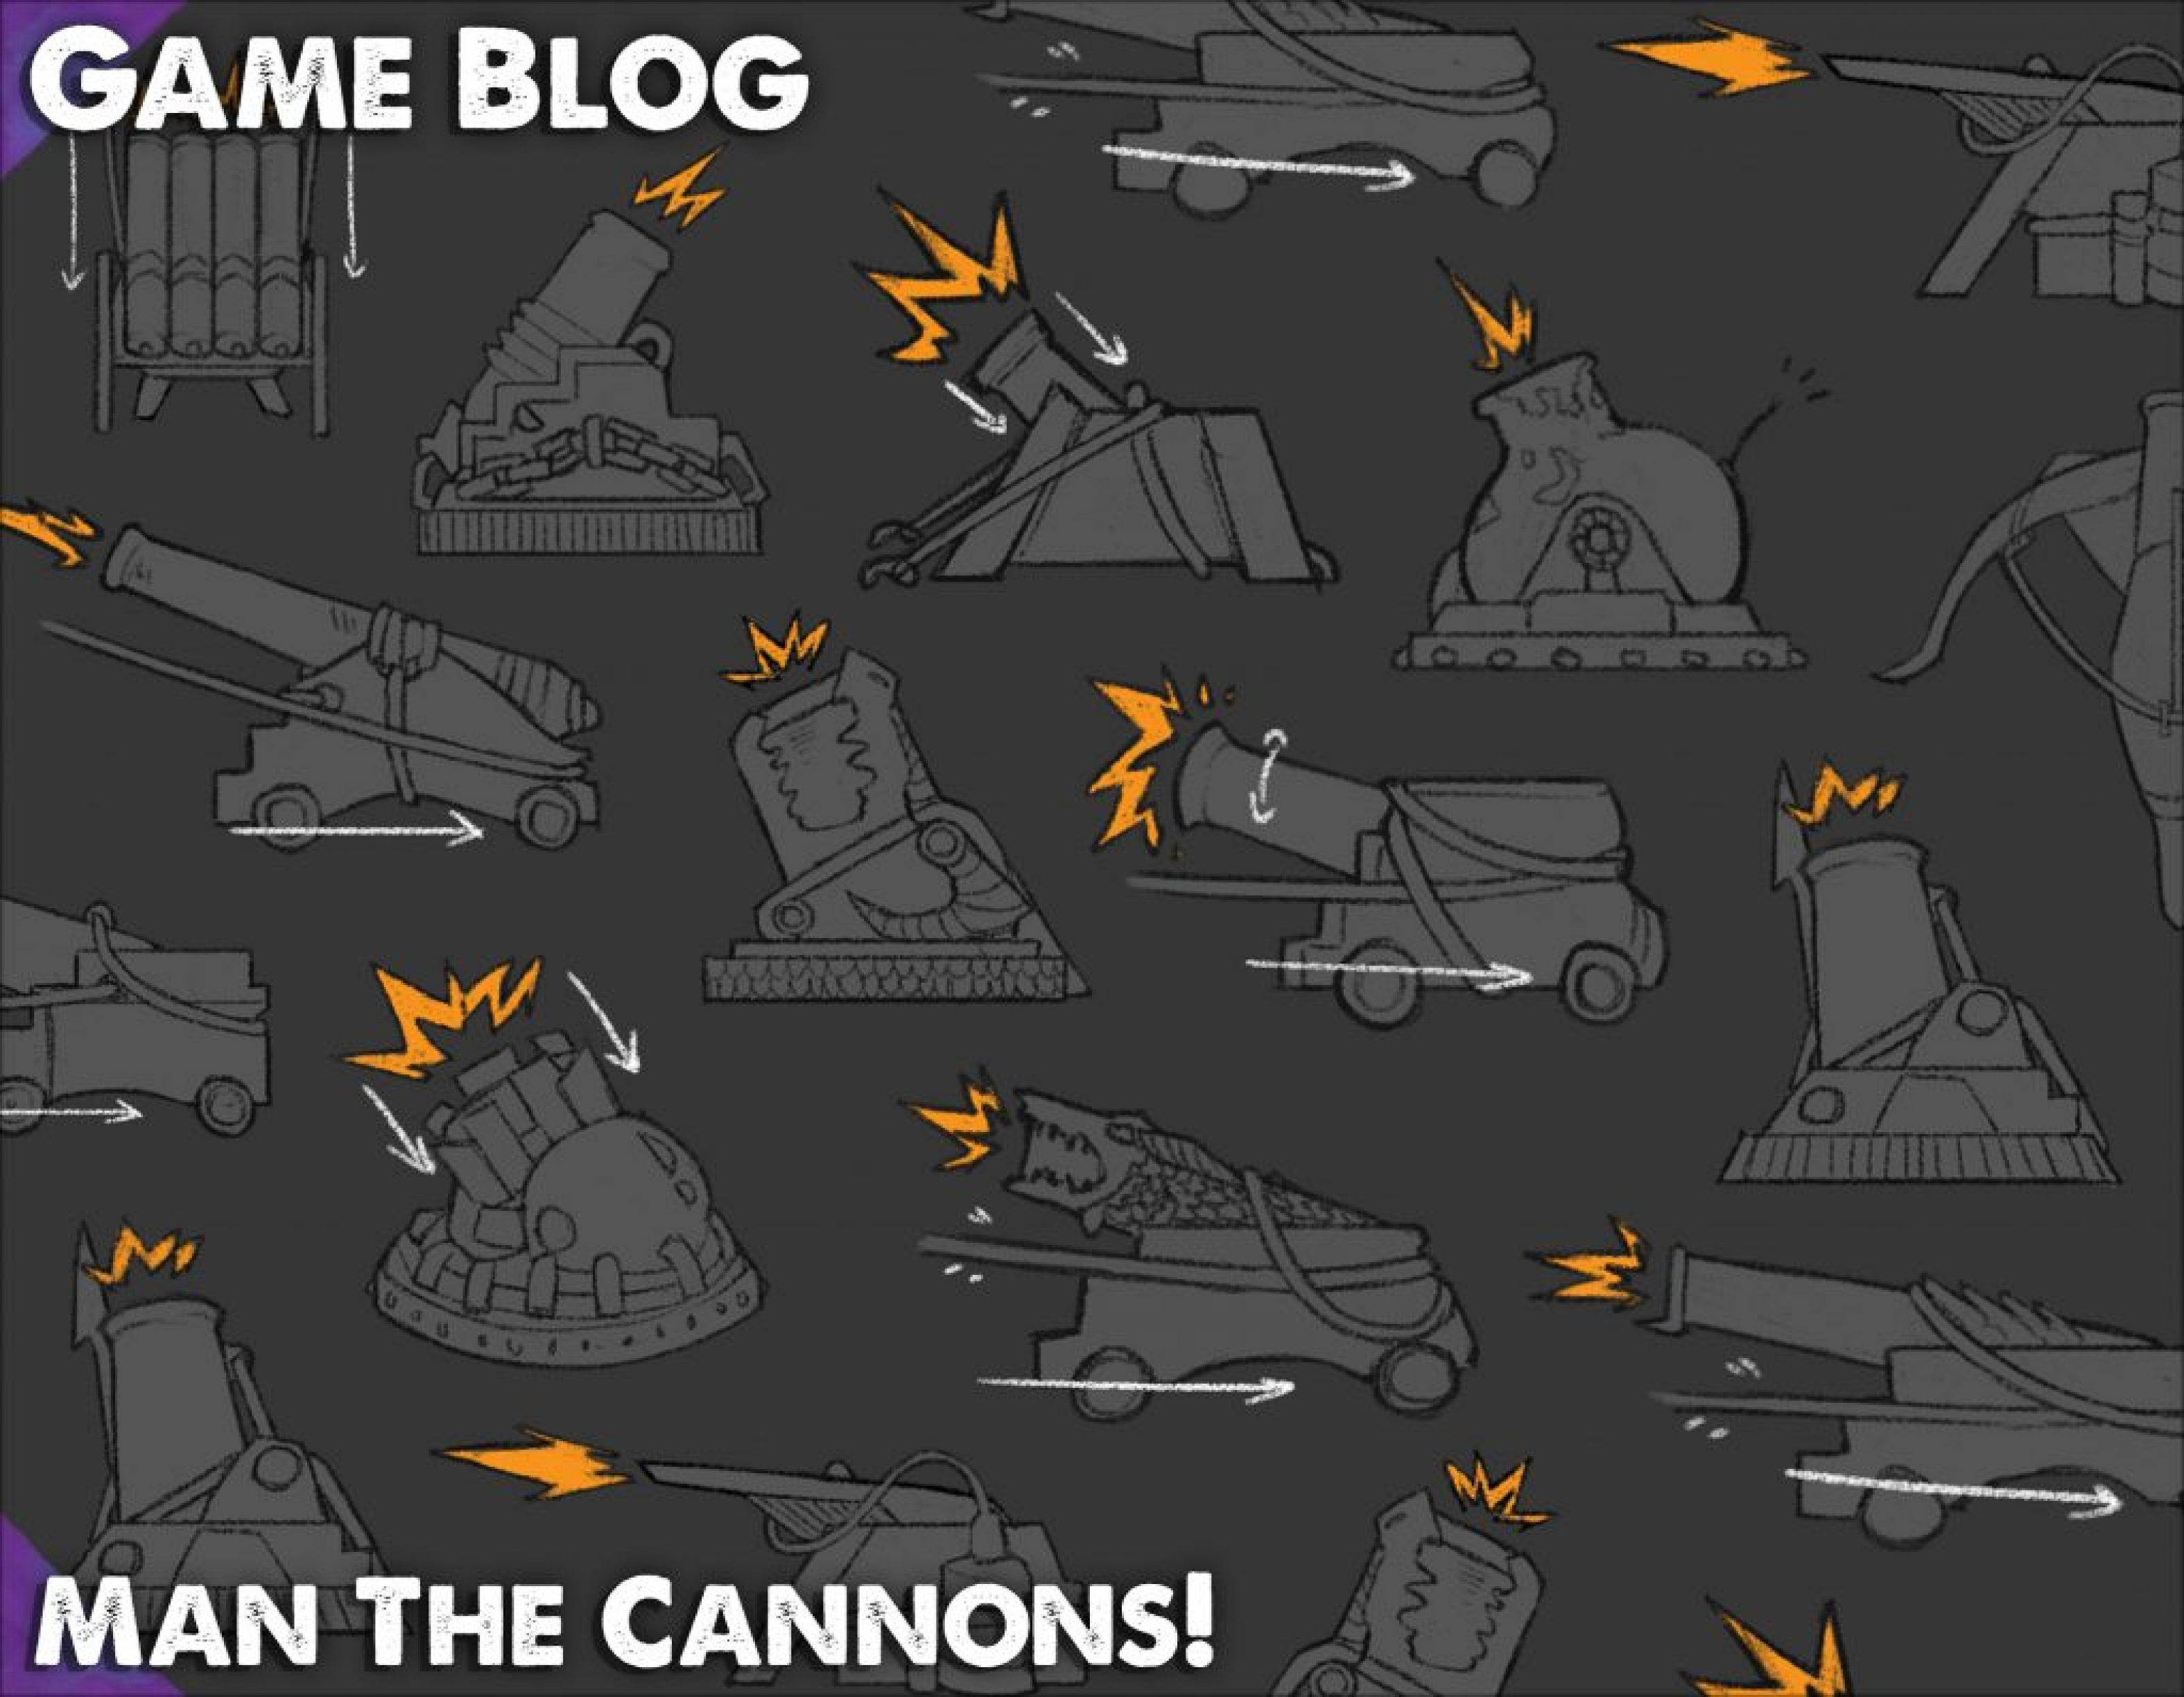 GameBlog_Weapons_FeaturedImage